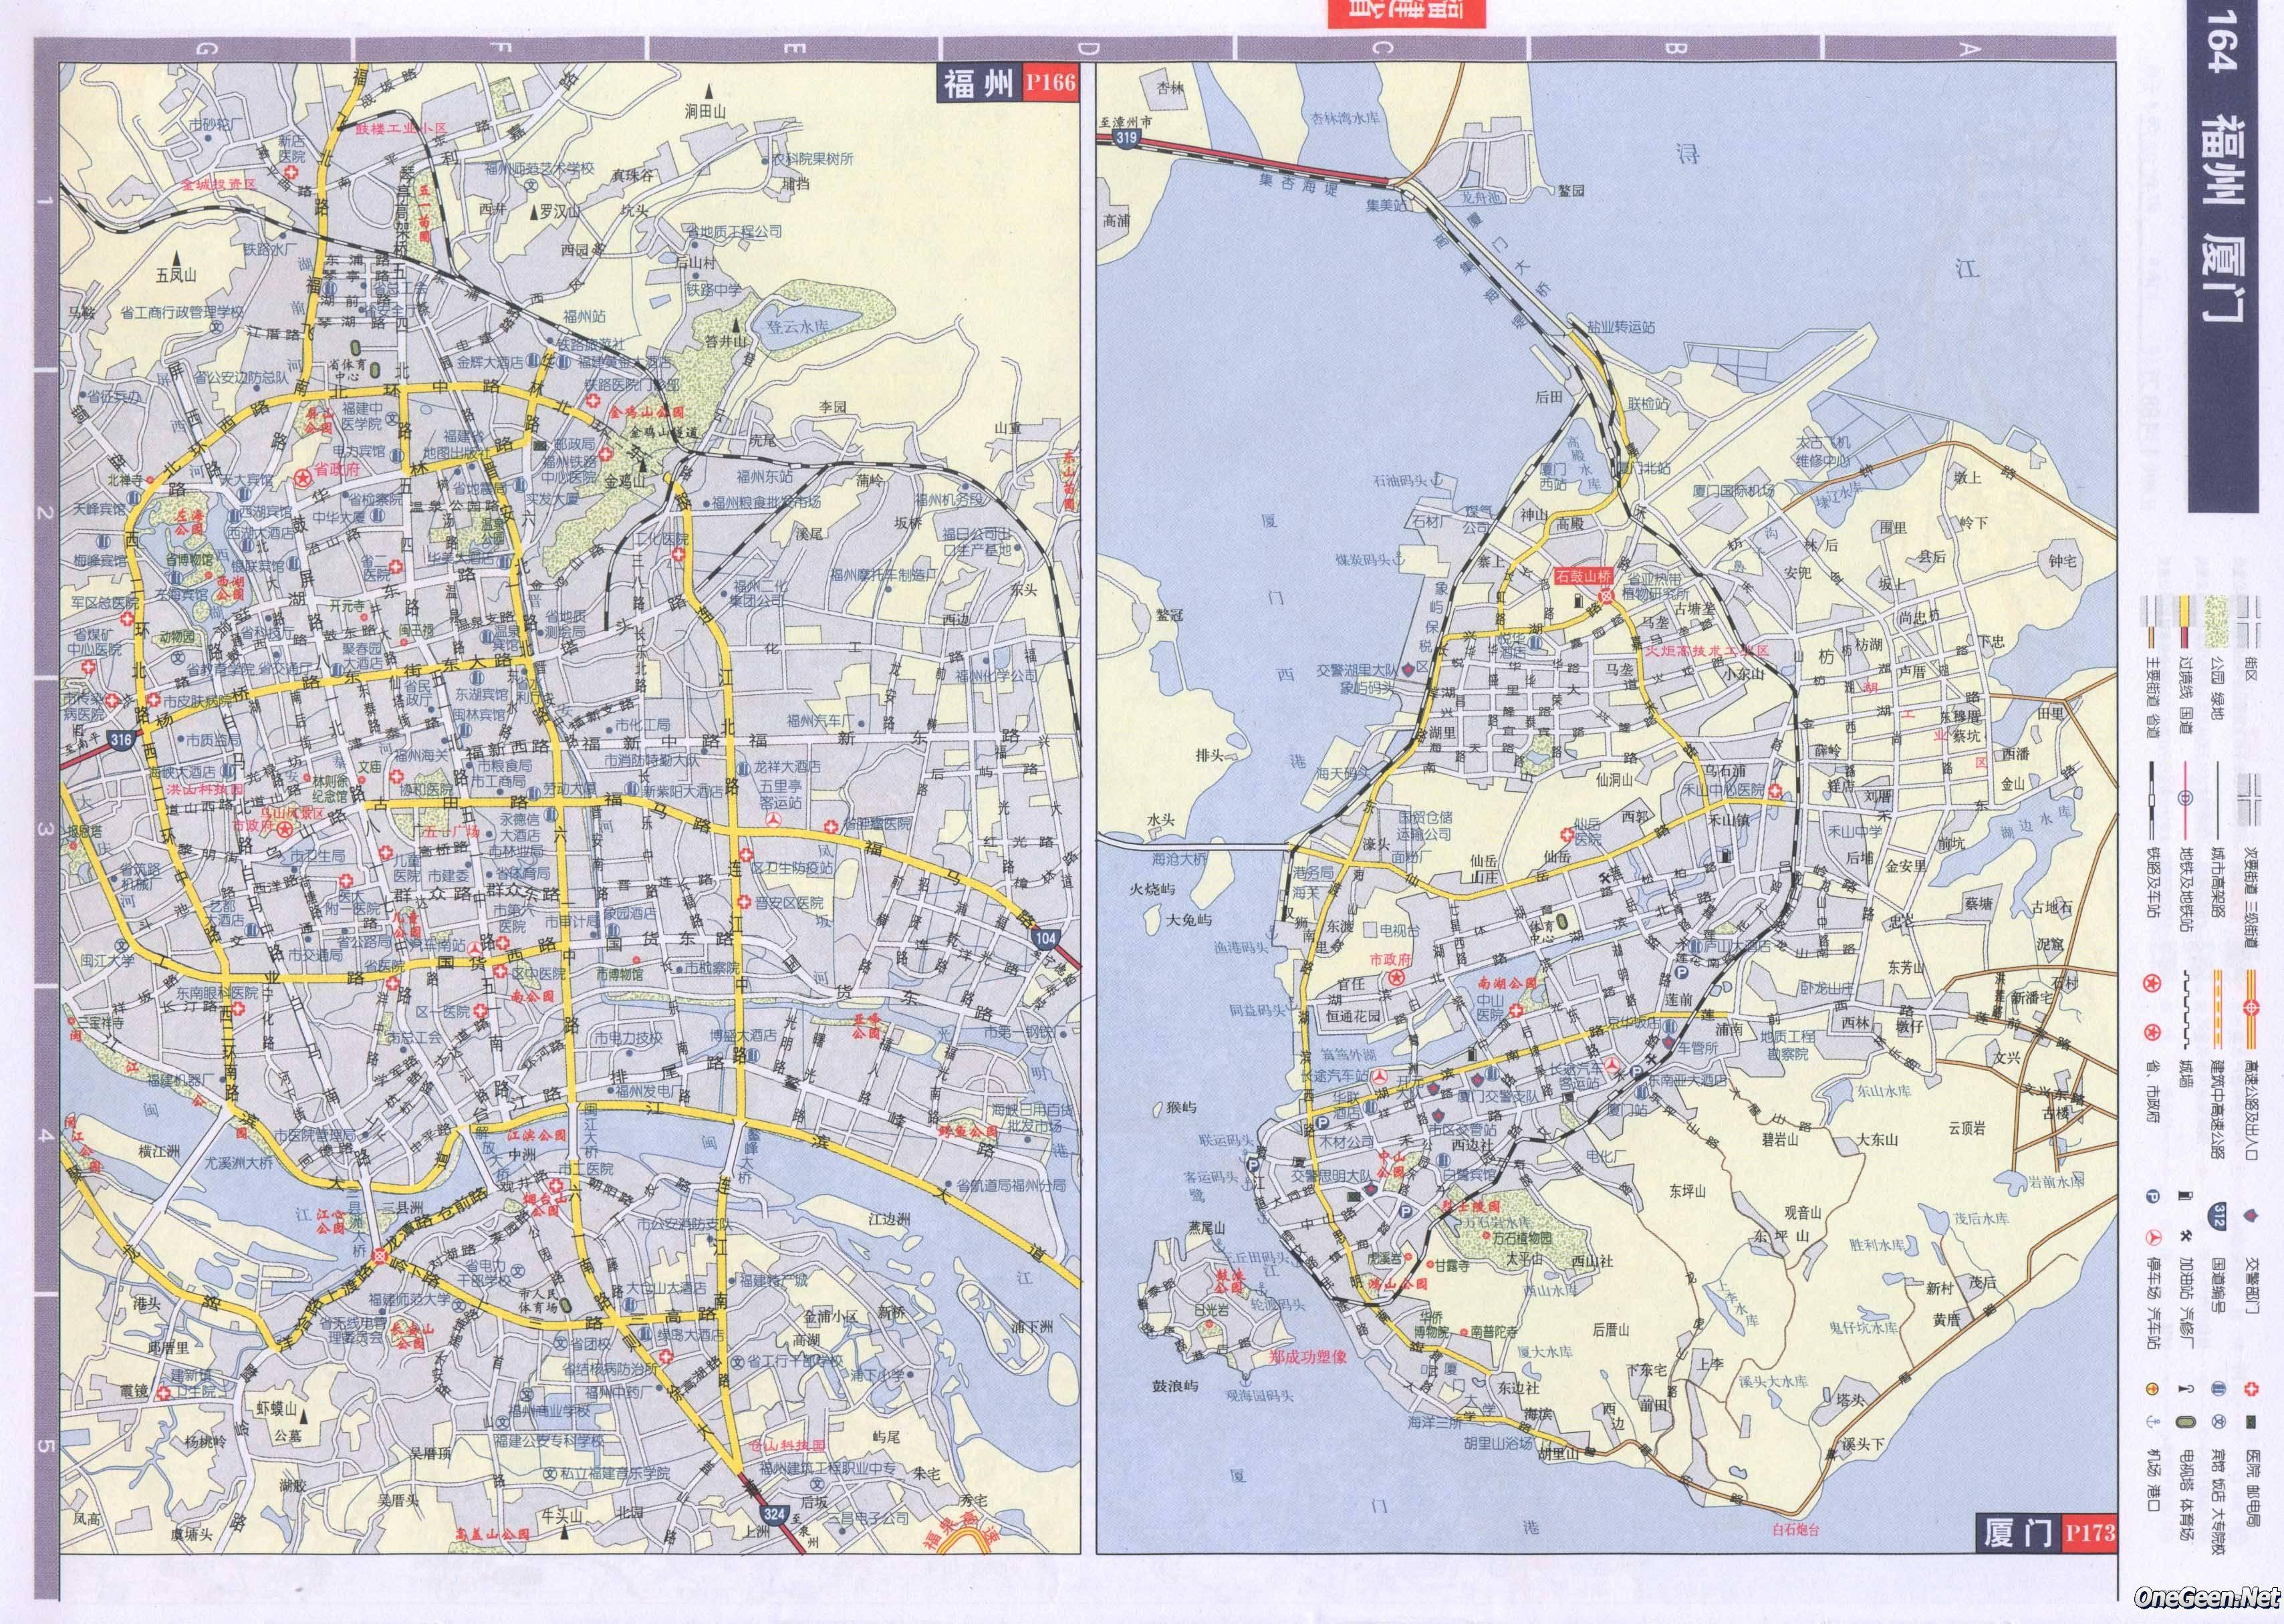 福建福州市区地图_福建省福州市厦门市交通地图_交通地图库_地图窝